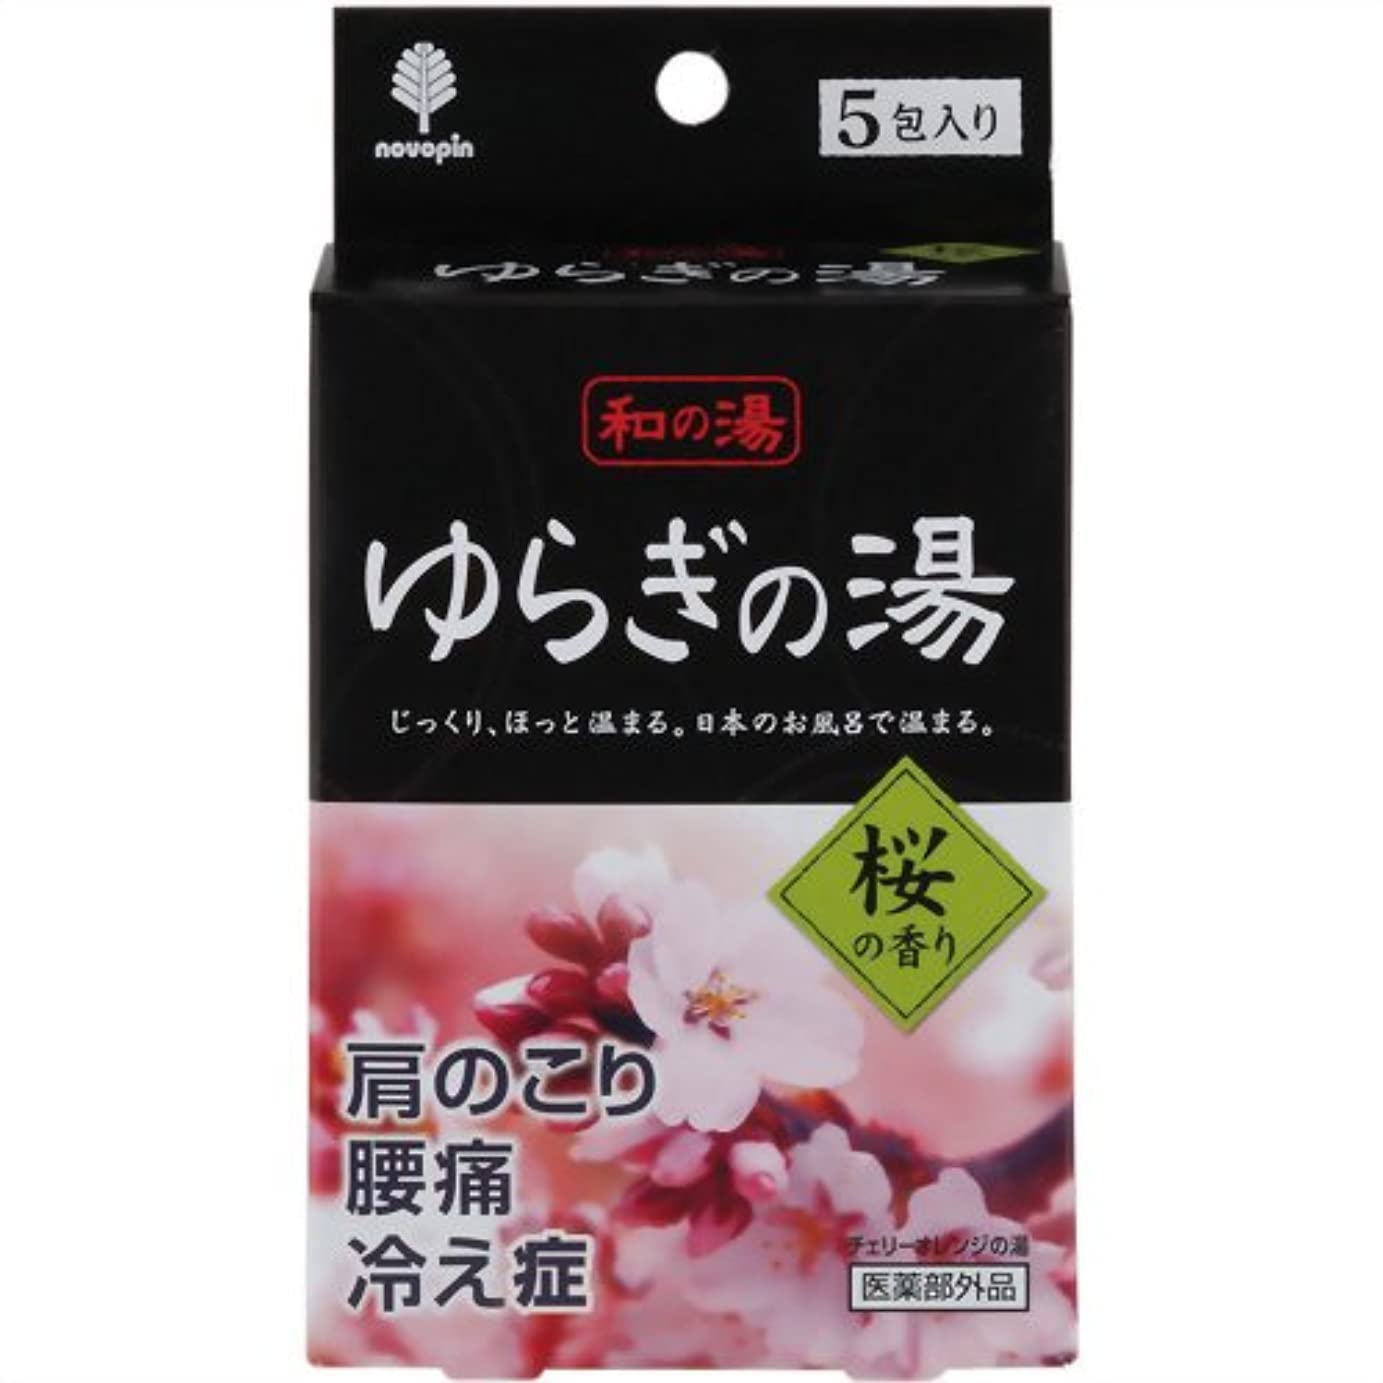 そのような爆発物小売和の湯 ゆらぎの湯 桜の香り